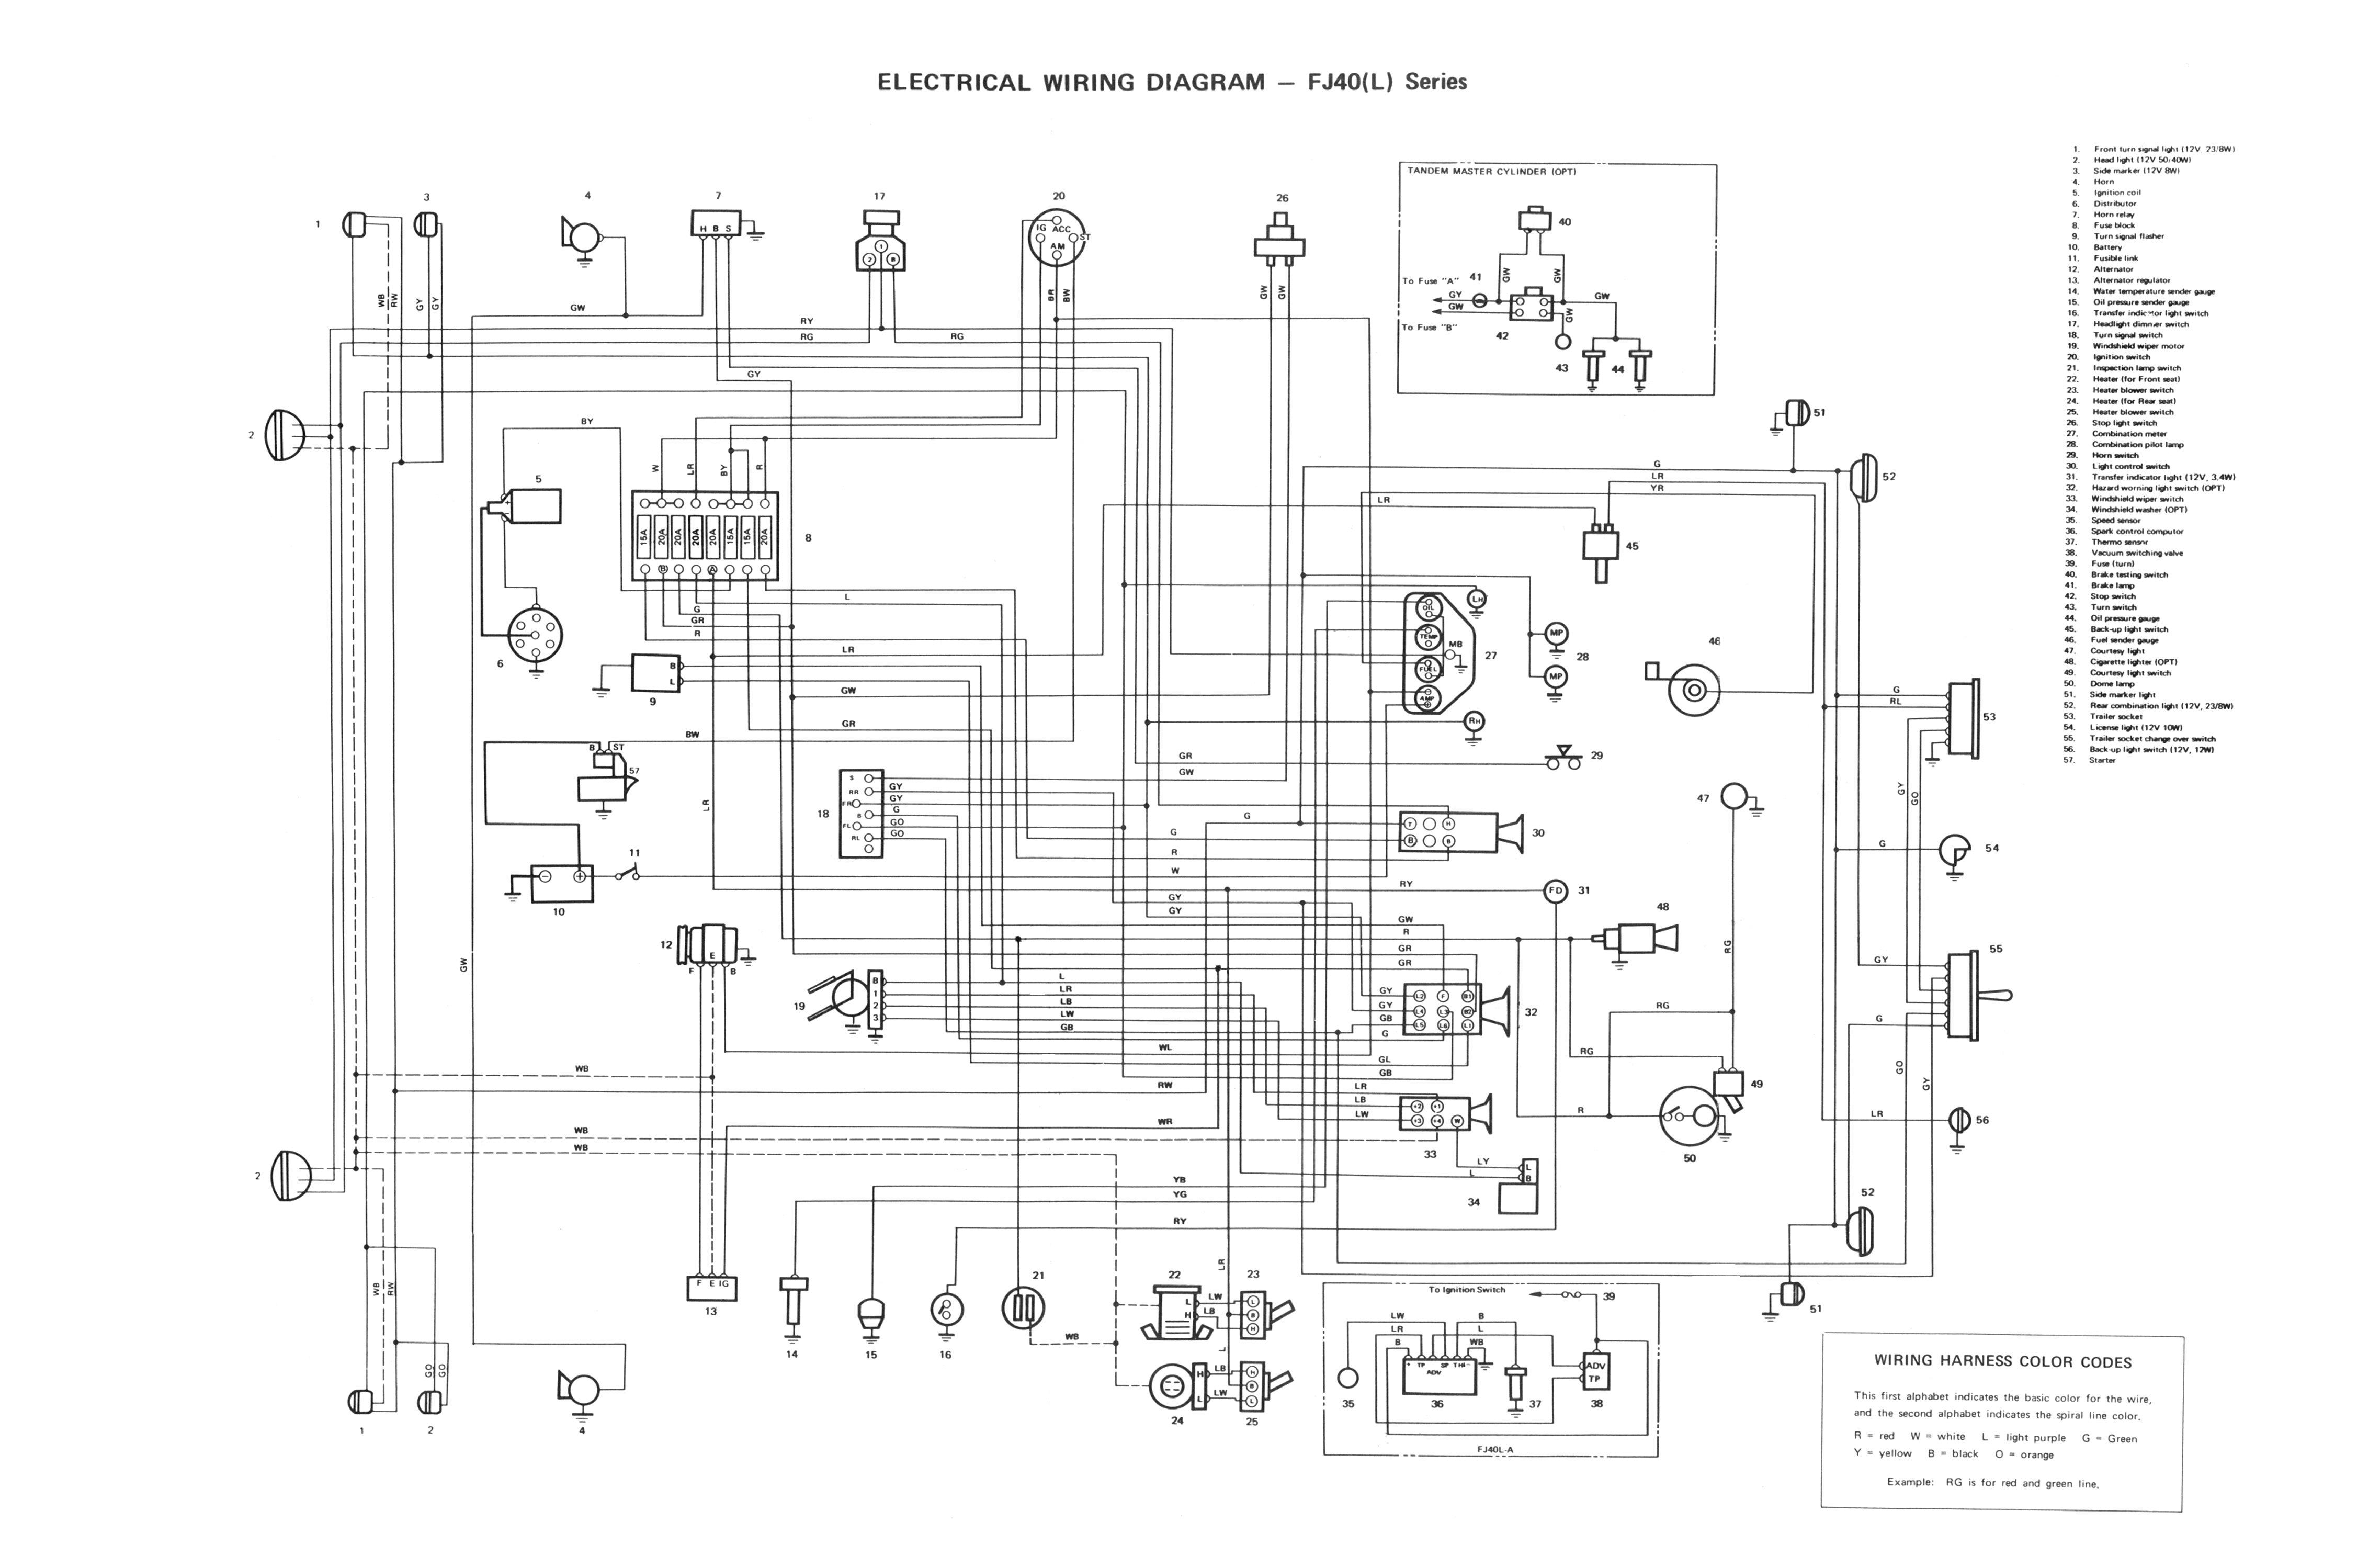 1979 Toyota Land Cruiser Wiring Diagram - Amp Wiring Diagram 3 -  toshiba.yenpancane.jeanjaures37.fr | 1979 Toyota Wiring Harness Diagram |  | Wiring Diagram Resource